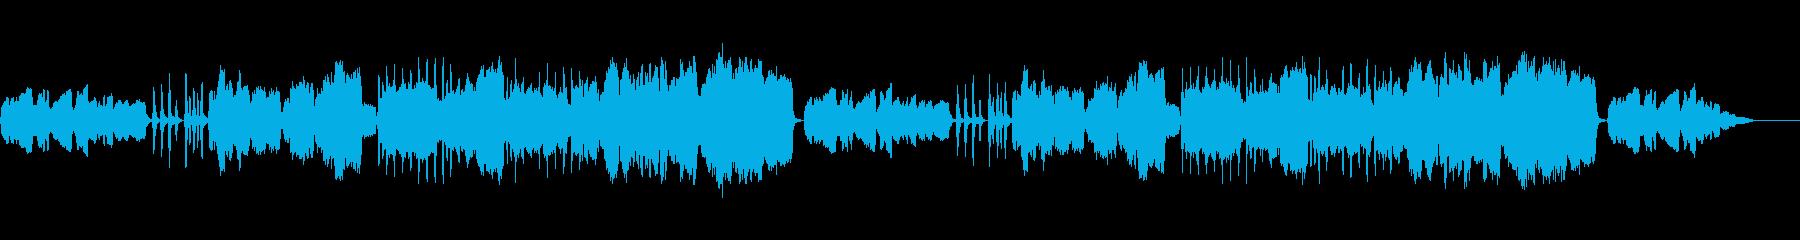 ほのぼのとした田園的なBGMの再生済みの波形